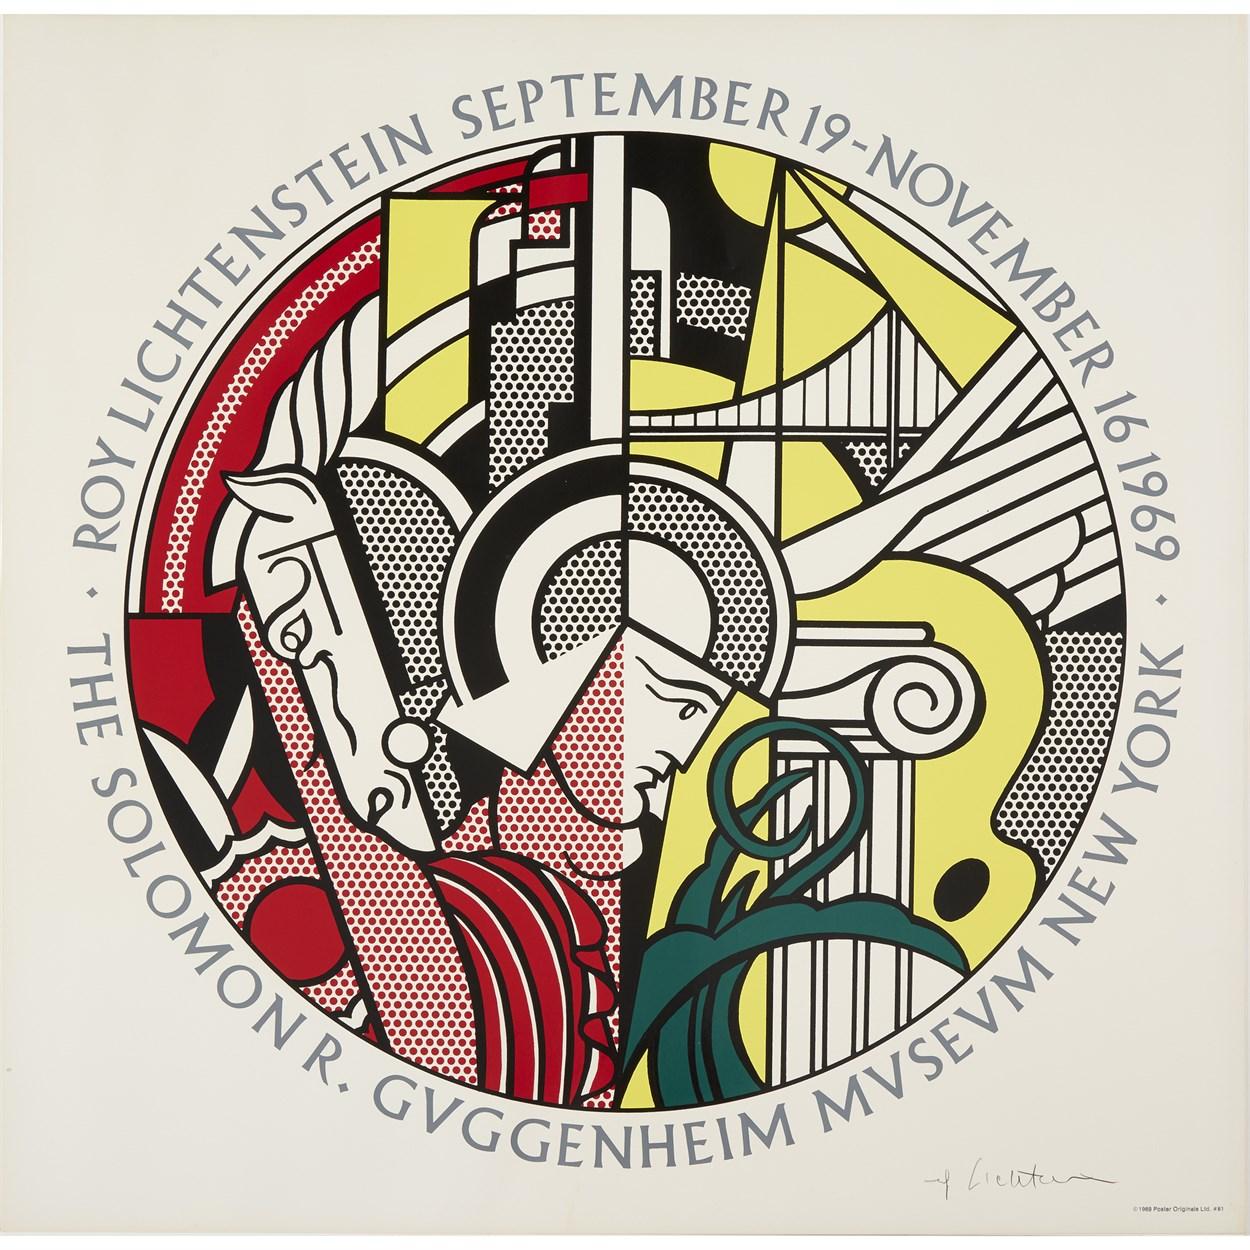 Lot 21 - Roy Lichtenstein (American, 1923-1997)